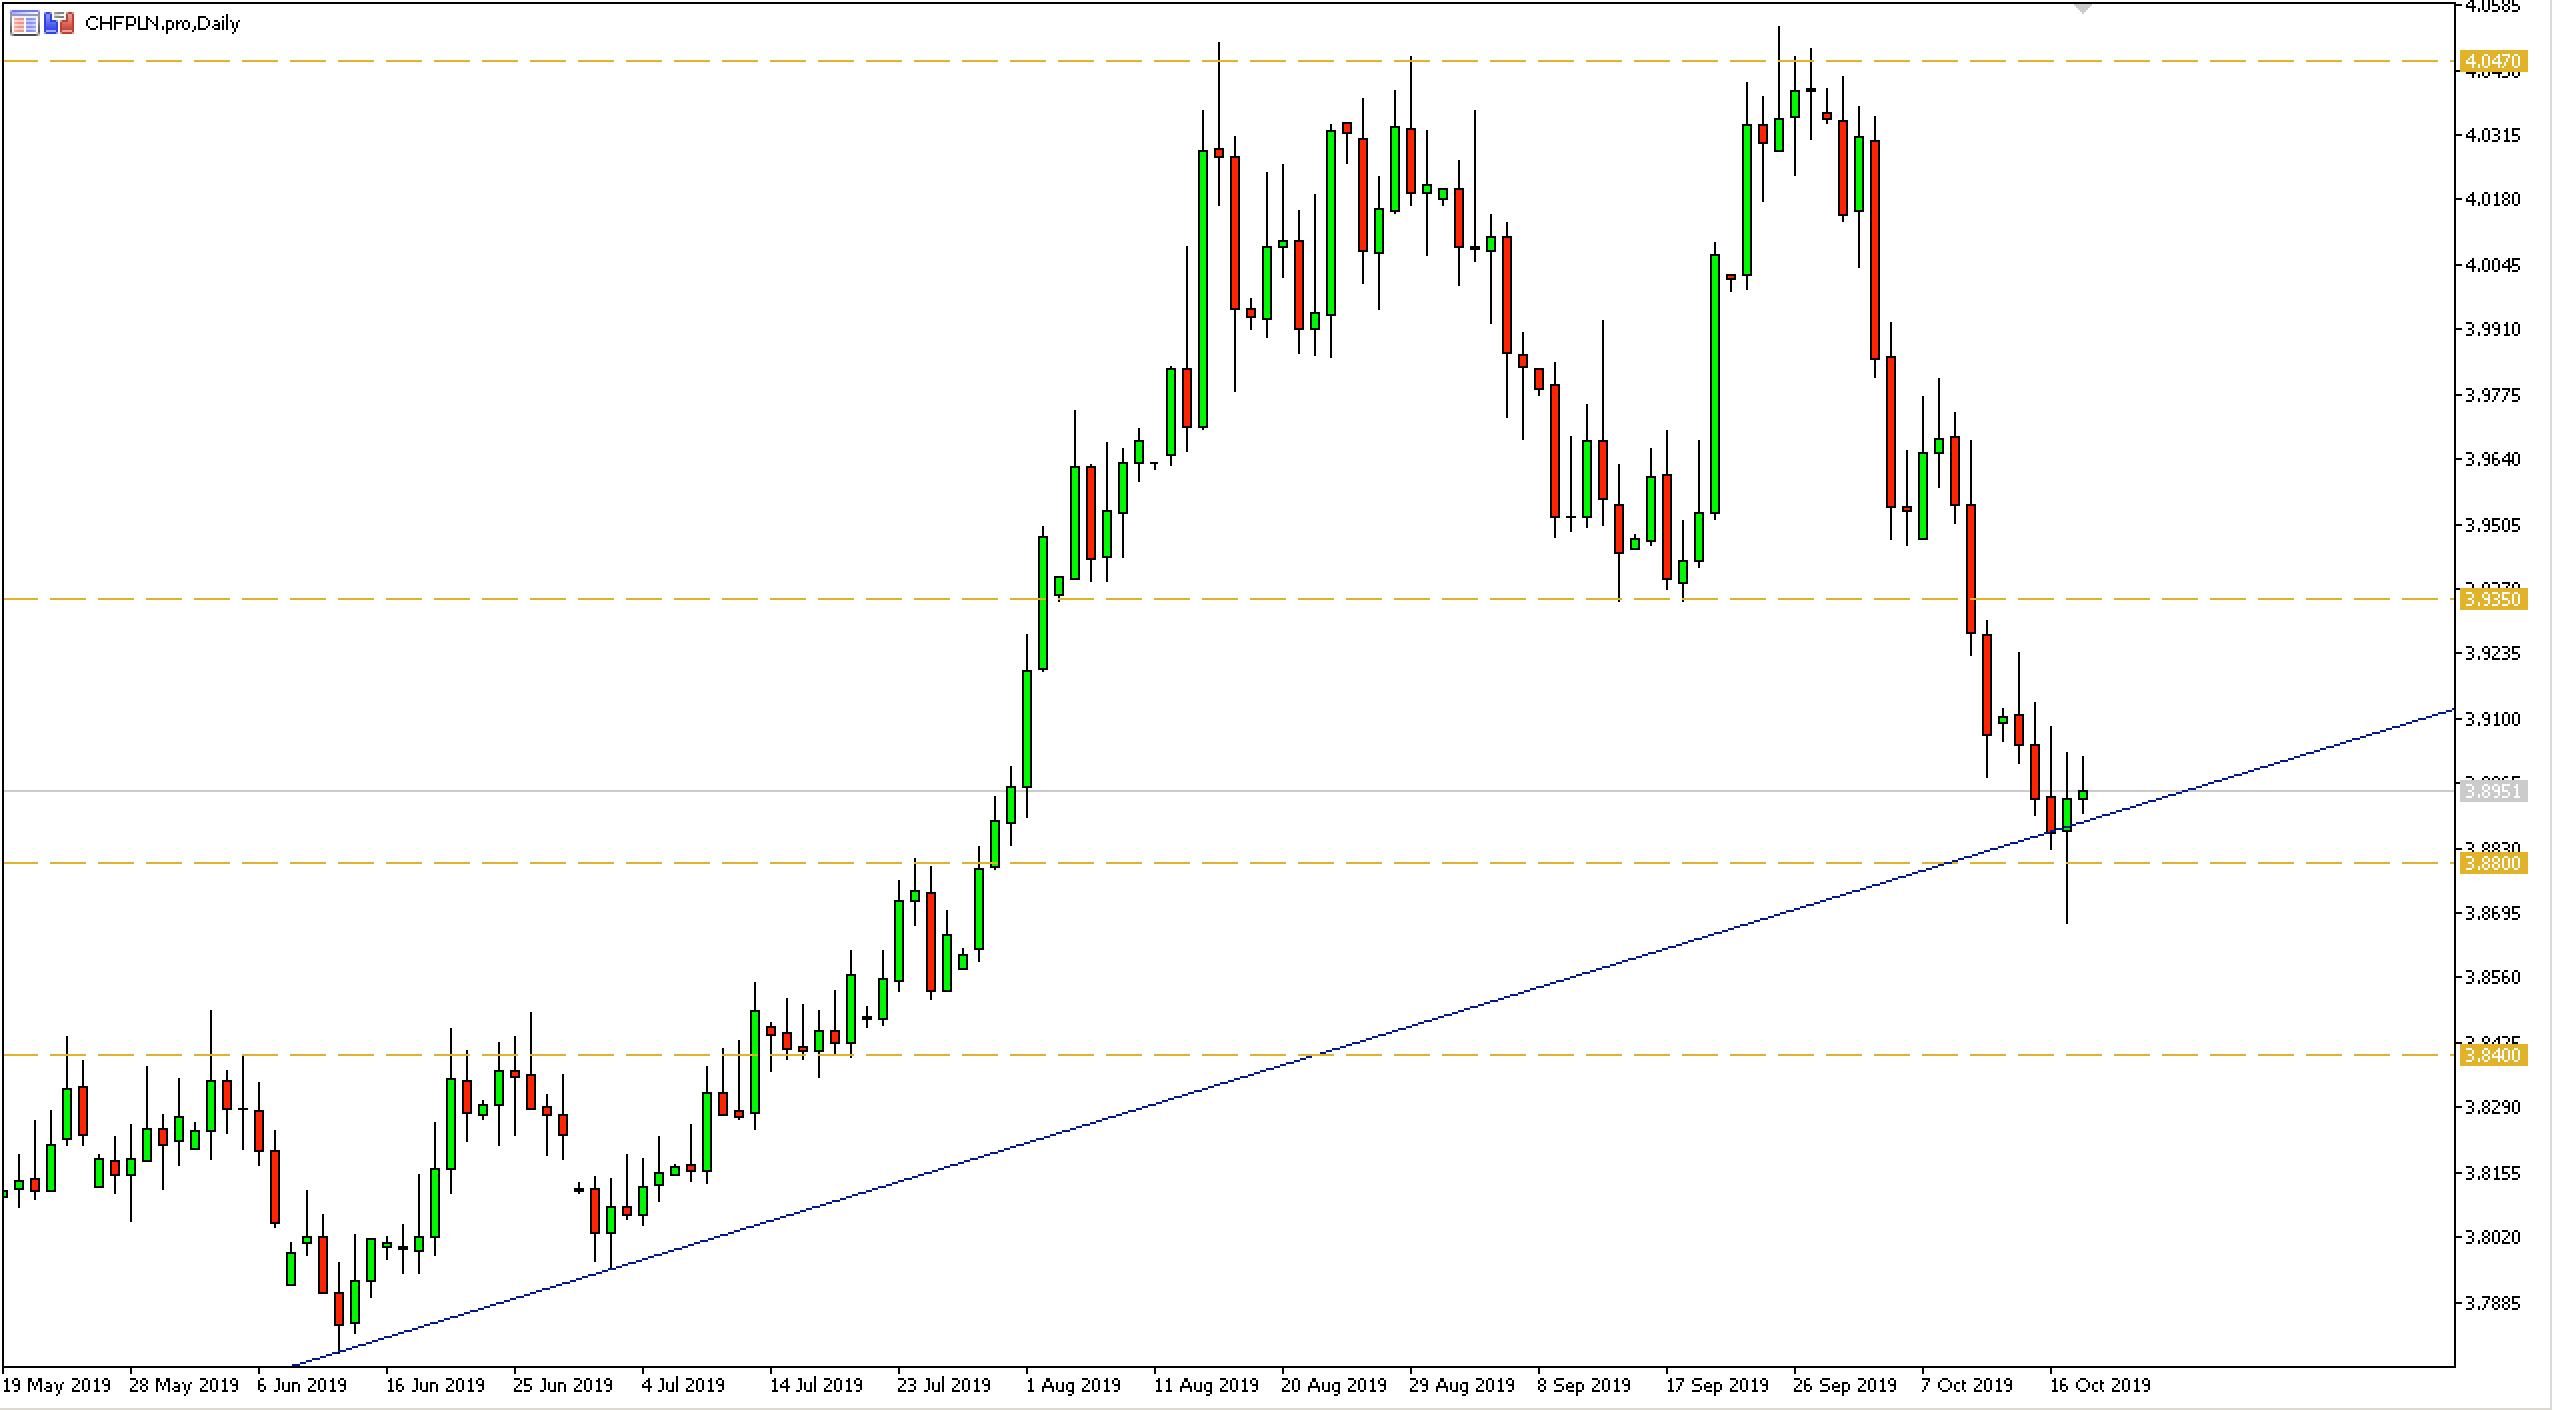 Kurs franka do złotego (CHFPLN) - wykres dzienny